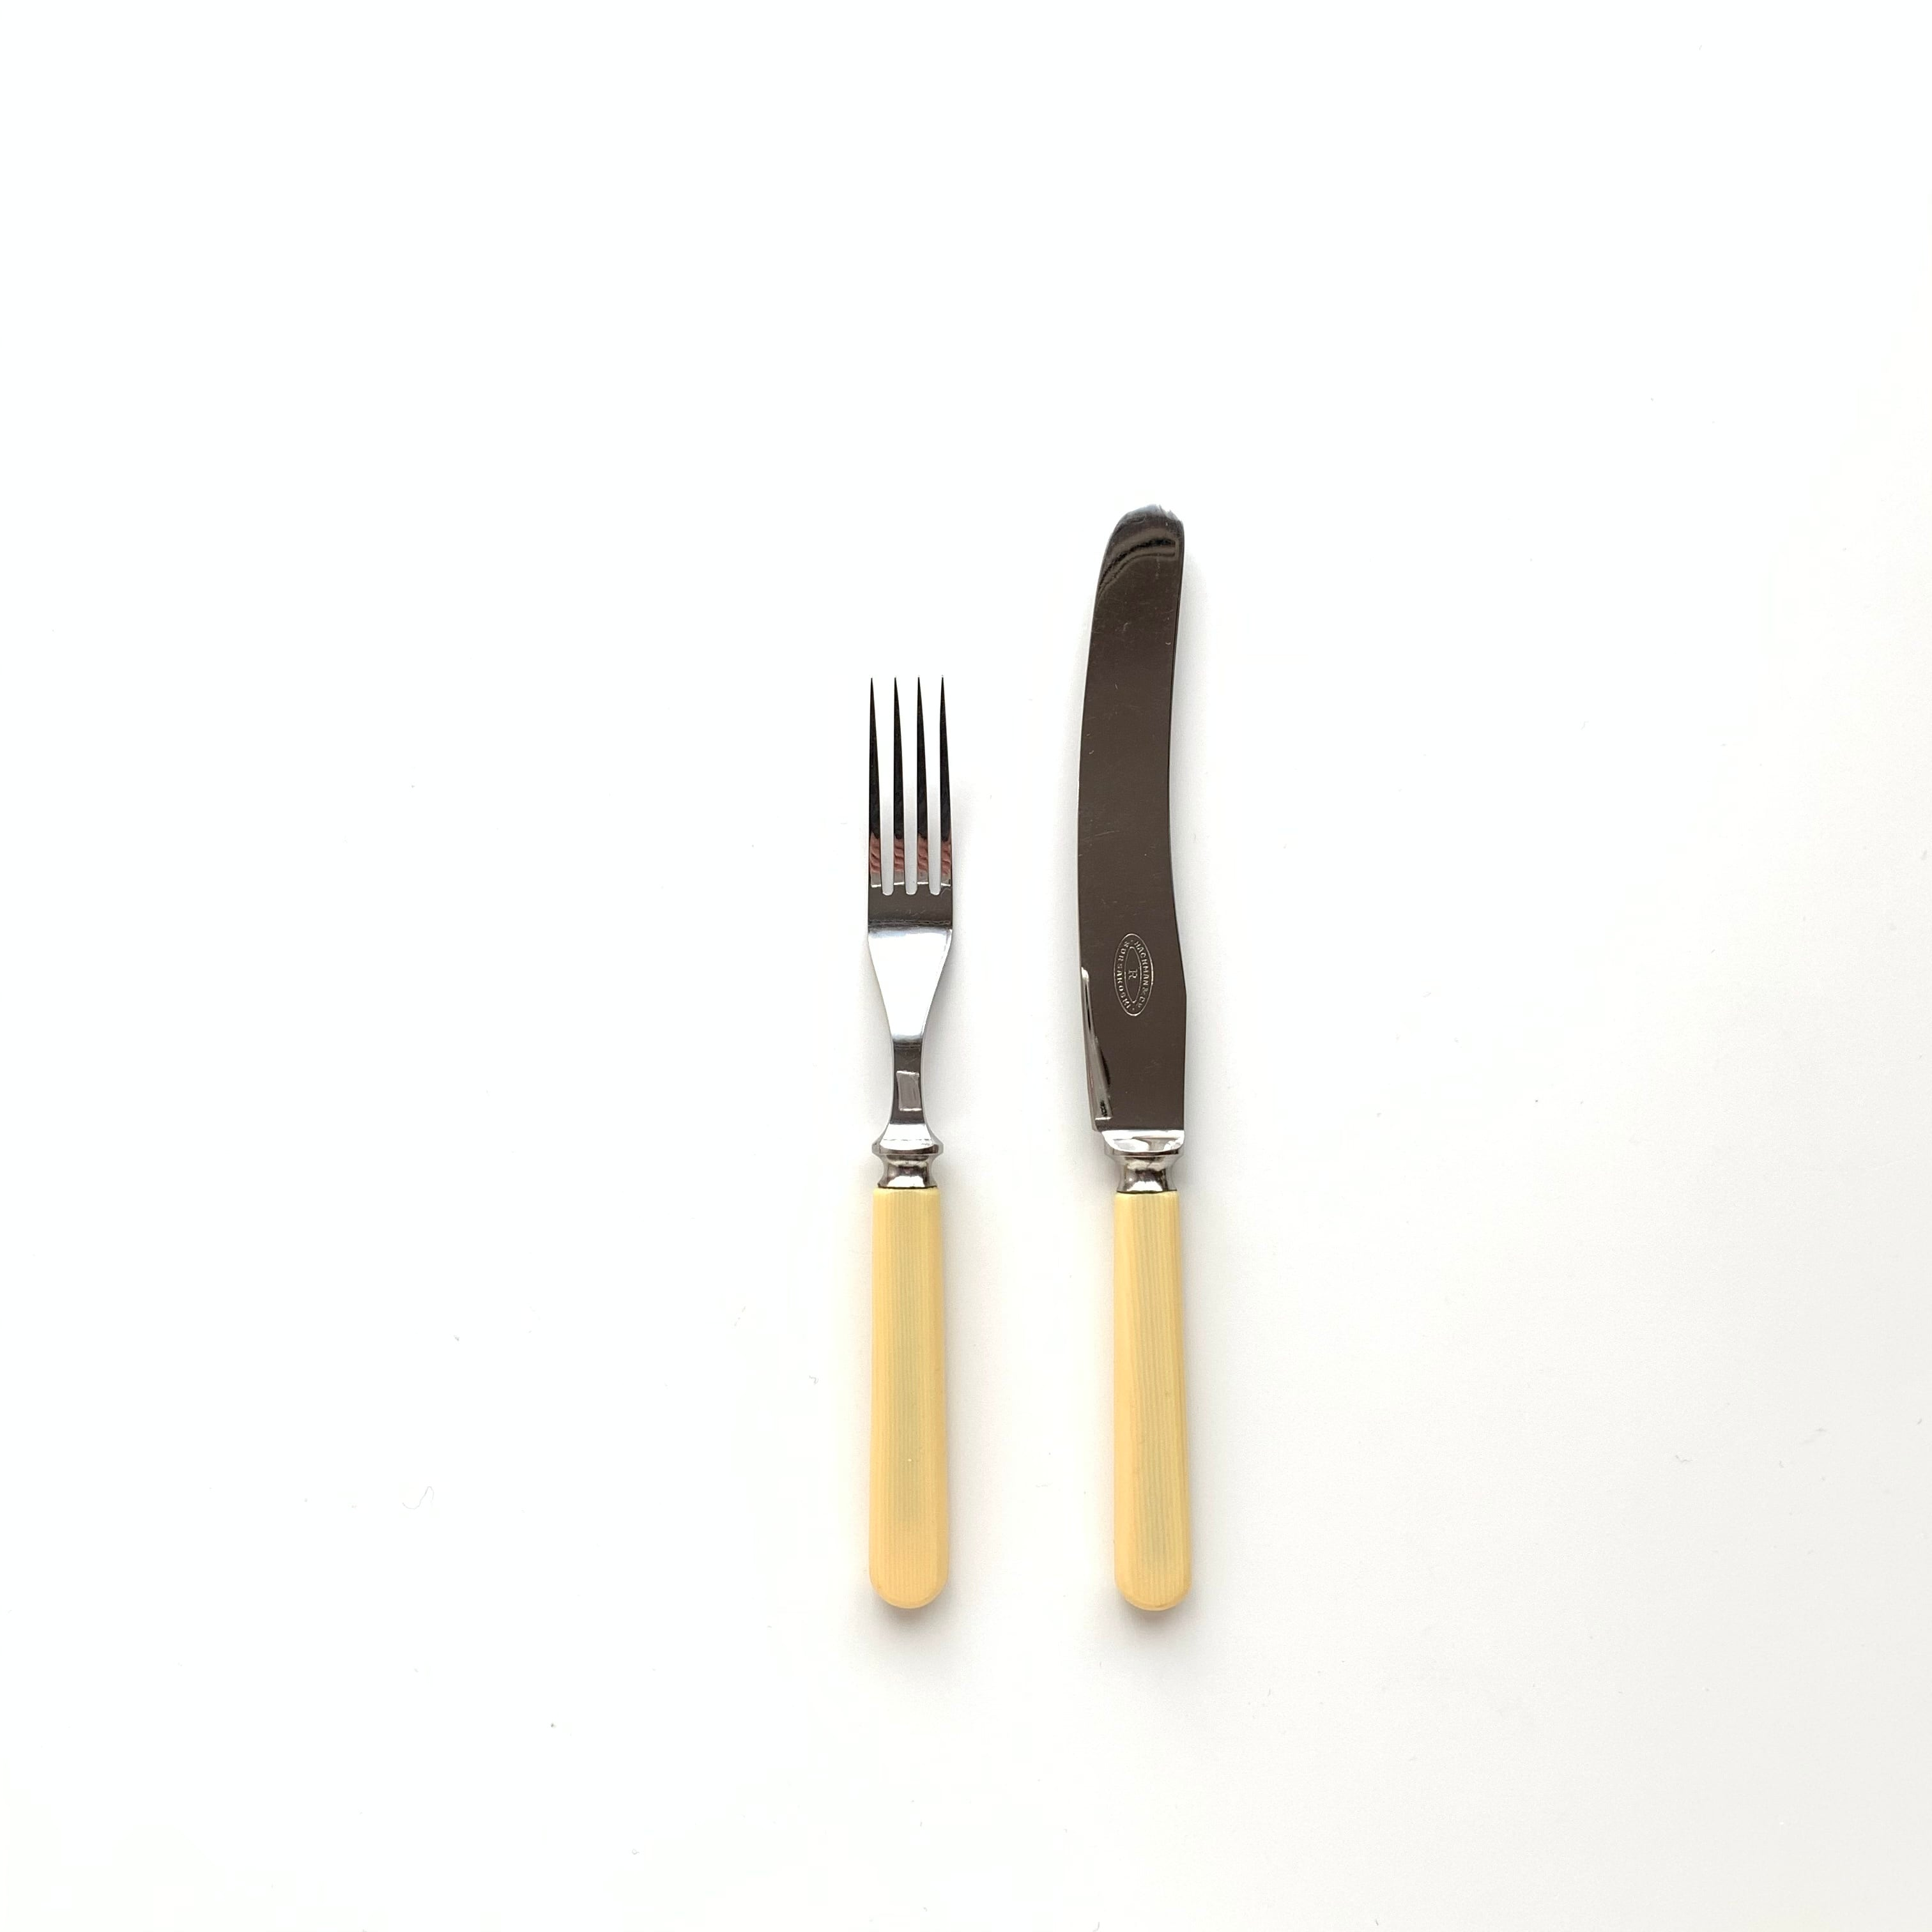 HACKMAN / Fork & Knife Set【A】